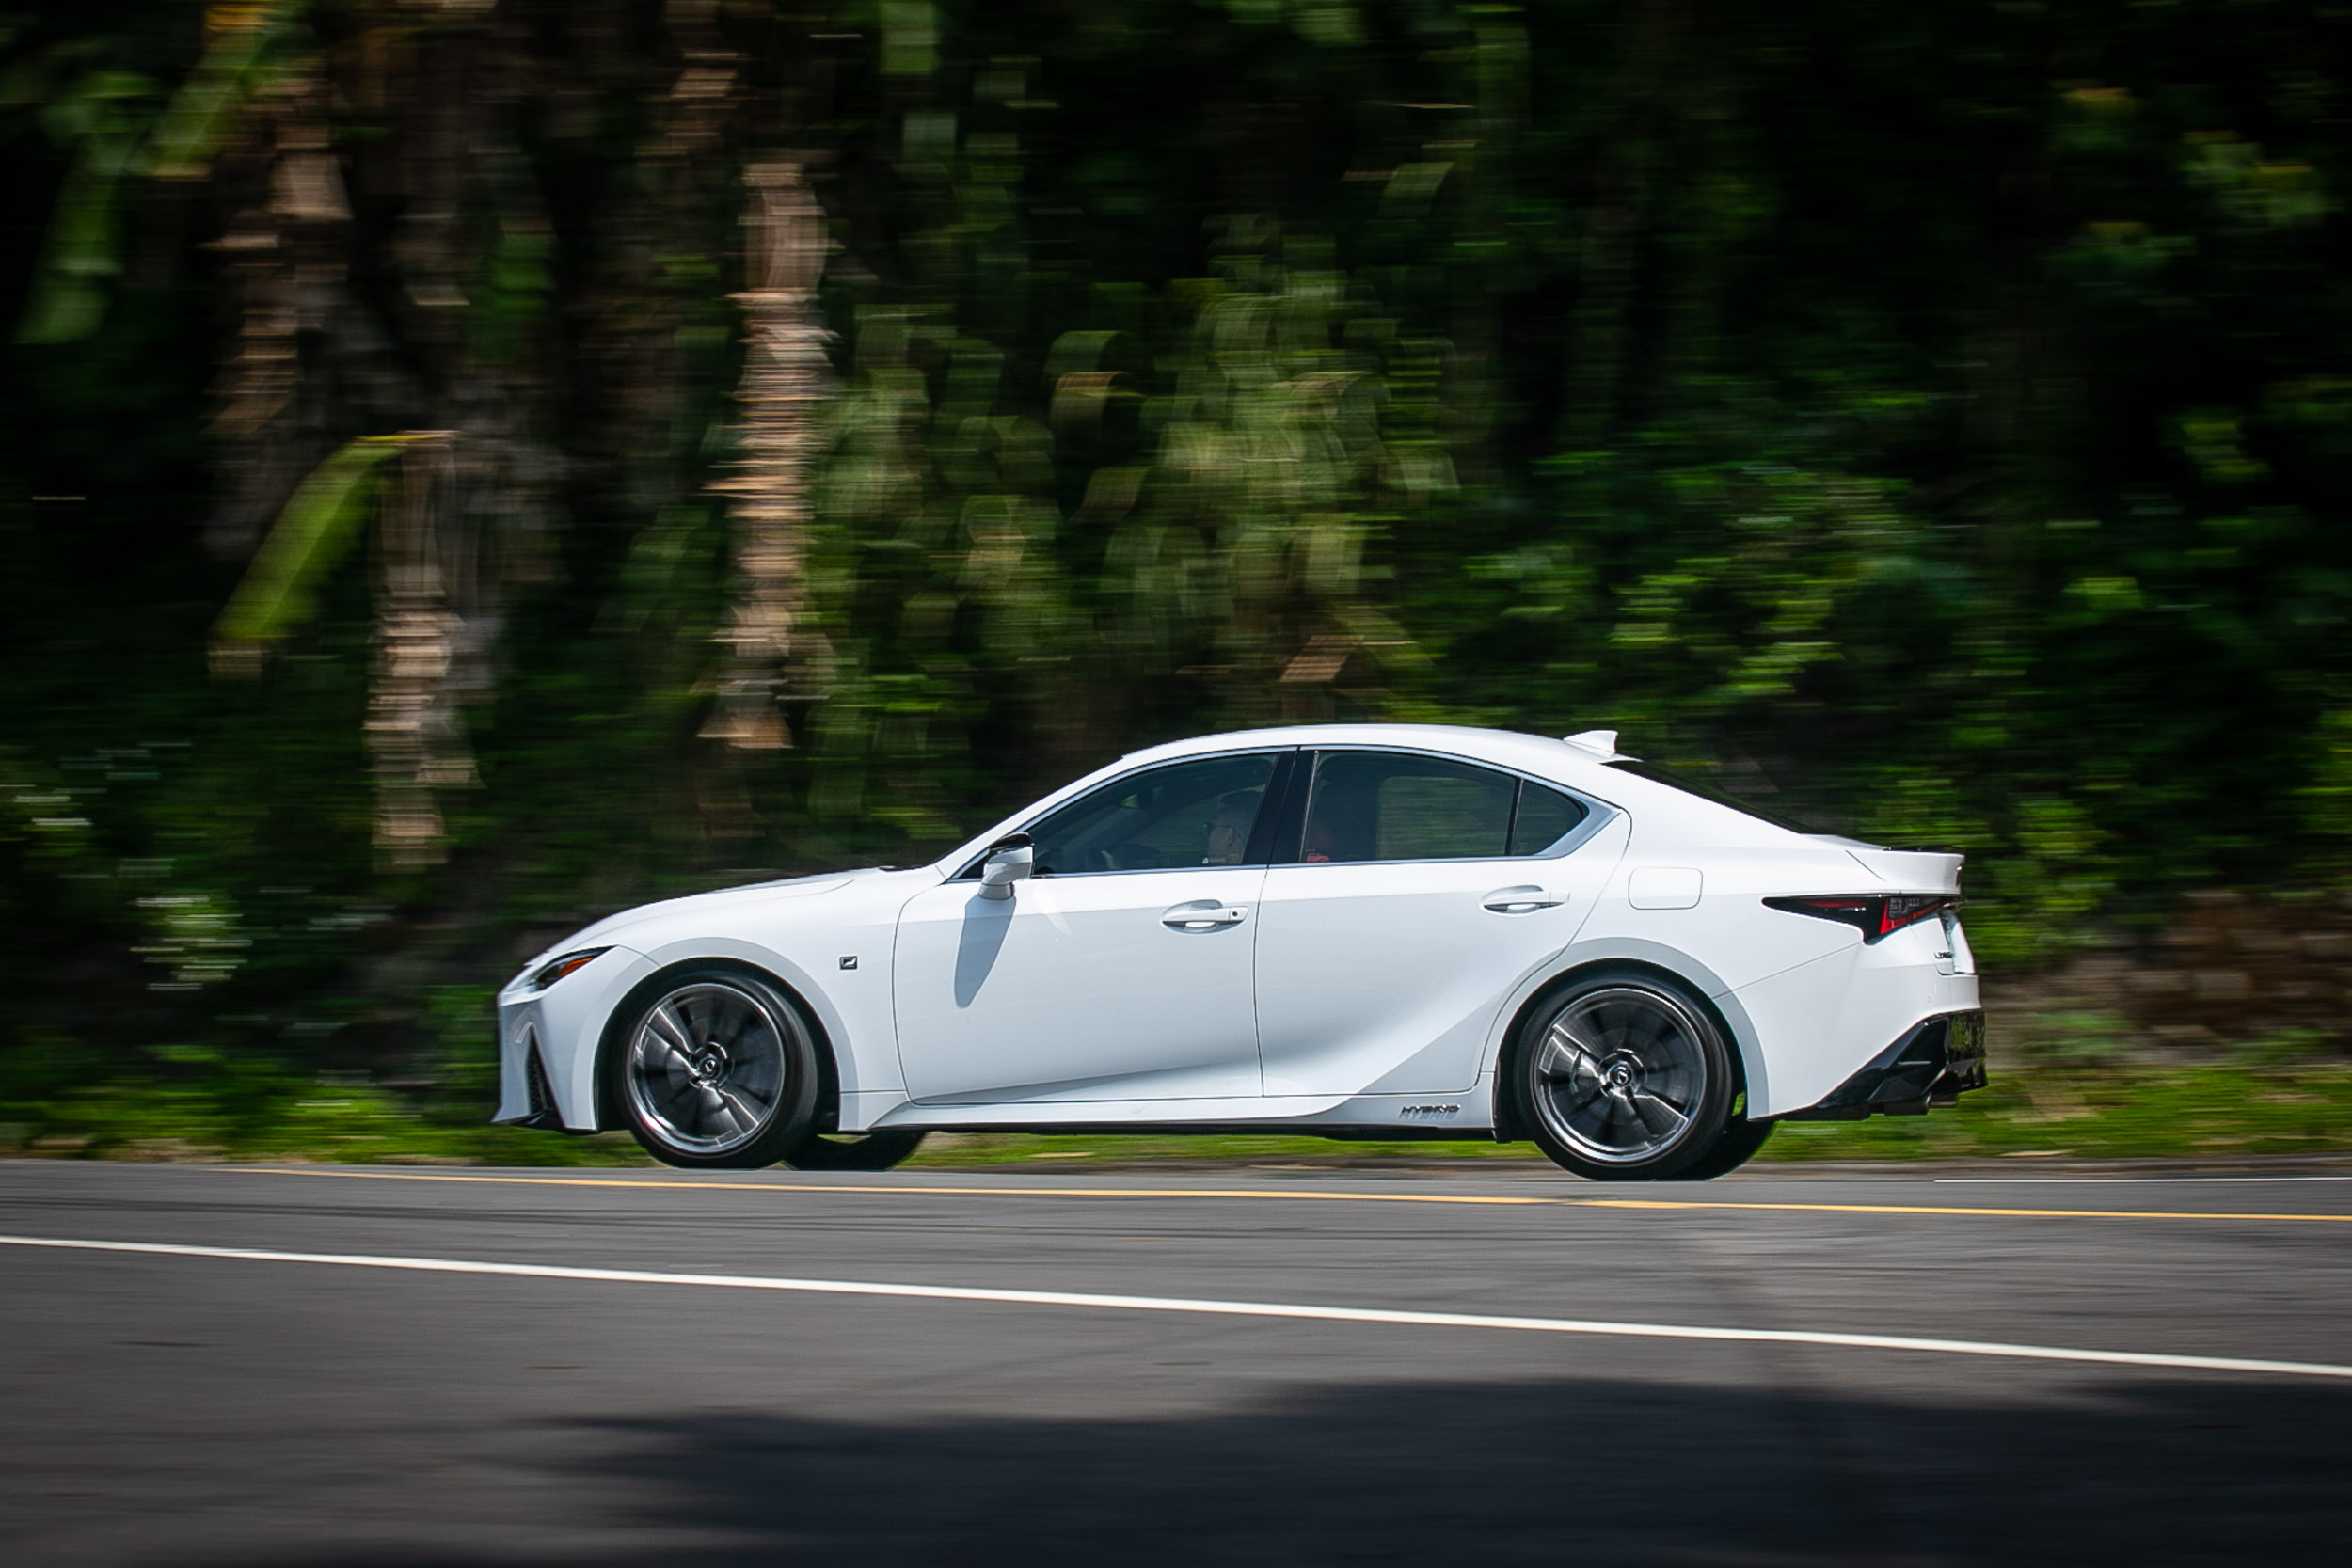 若可以針對轉向手感調整,IS 300h F Sport的運動房車身份可望更為稱職。